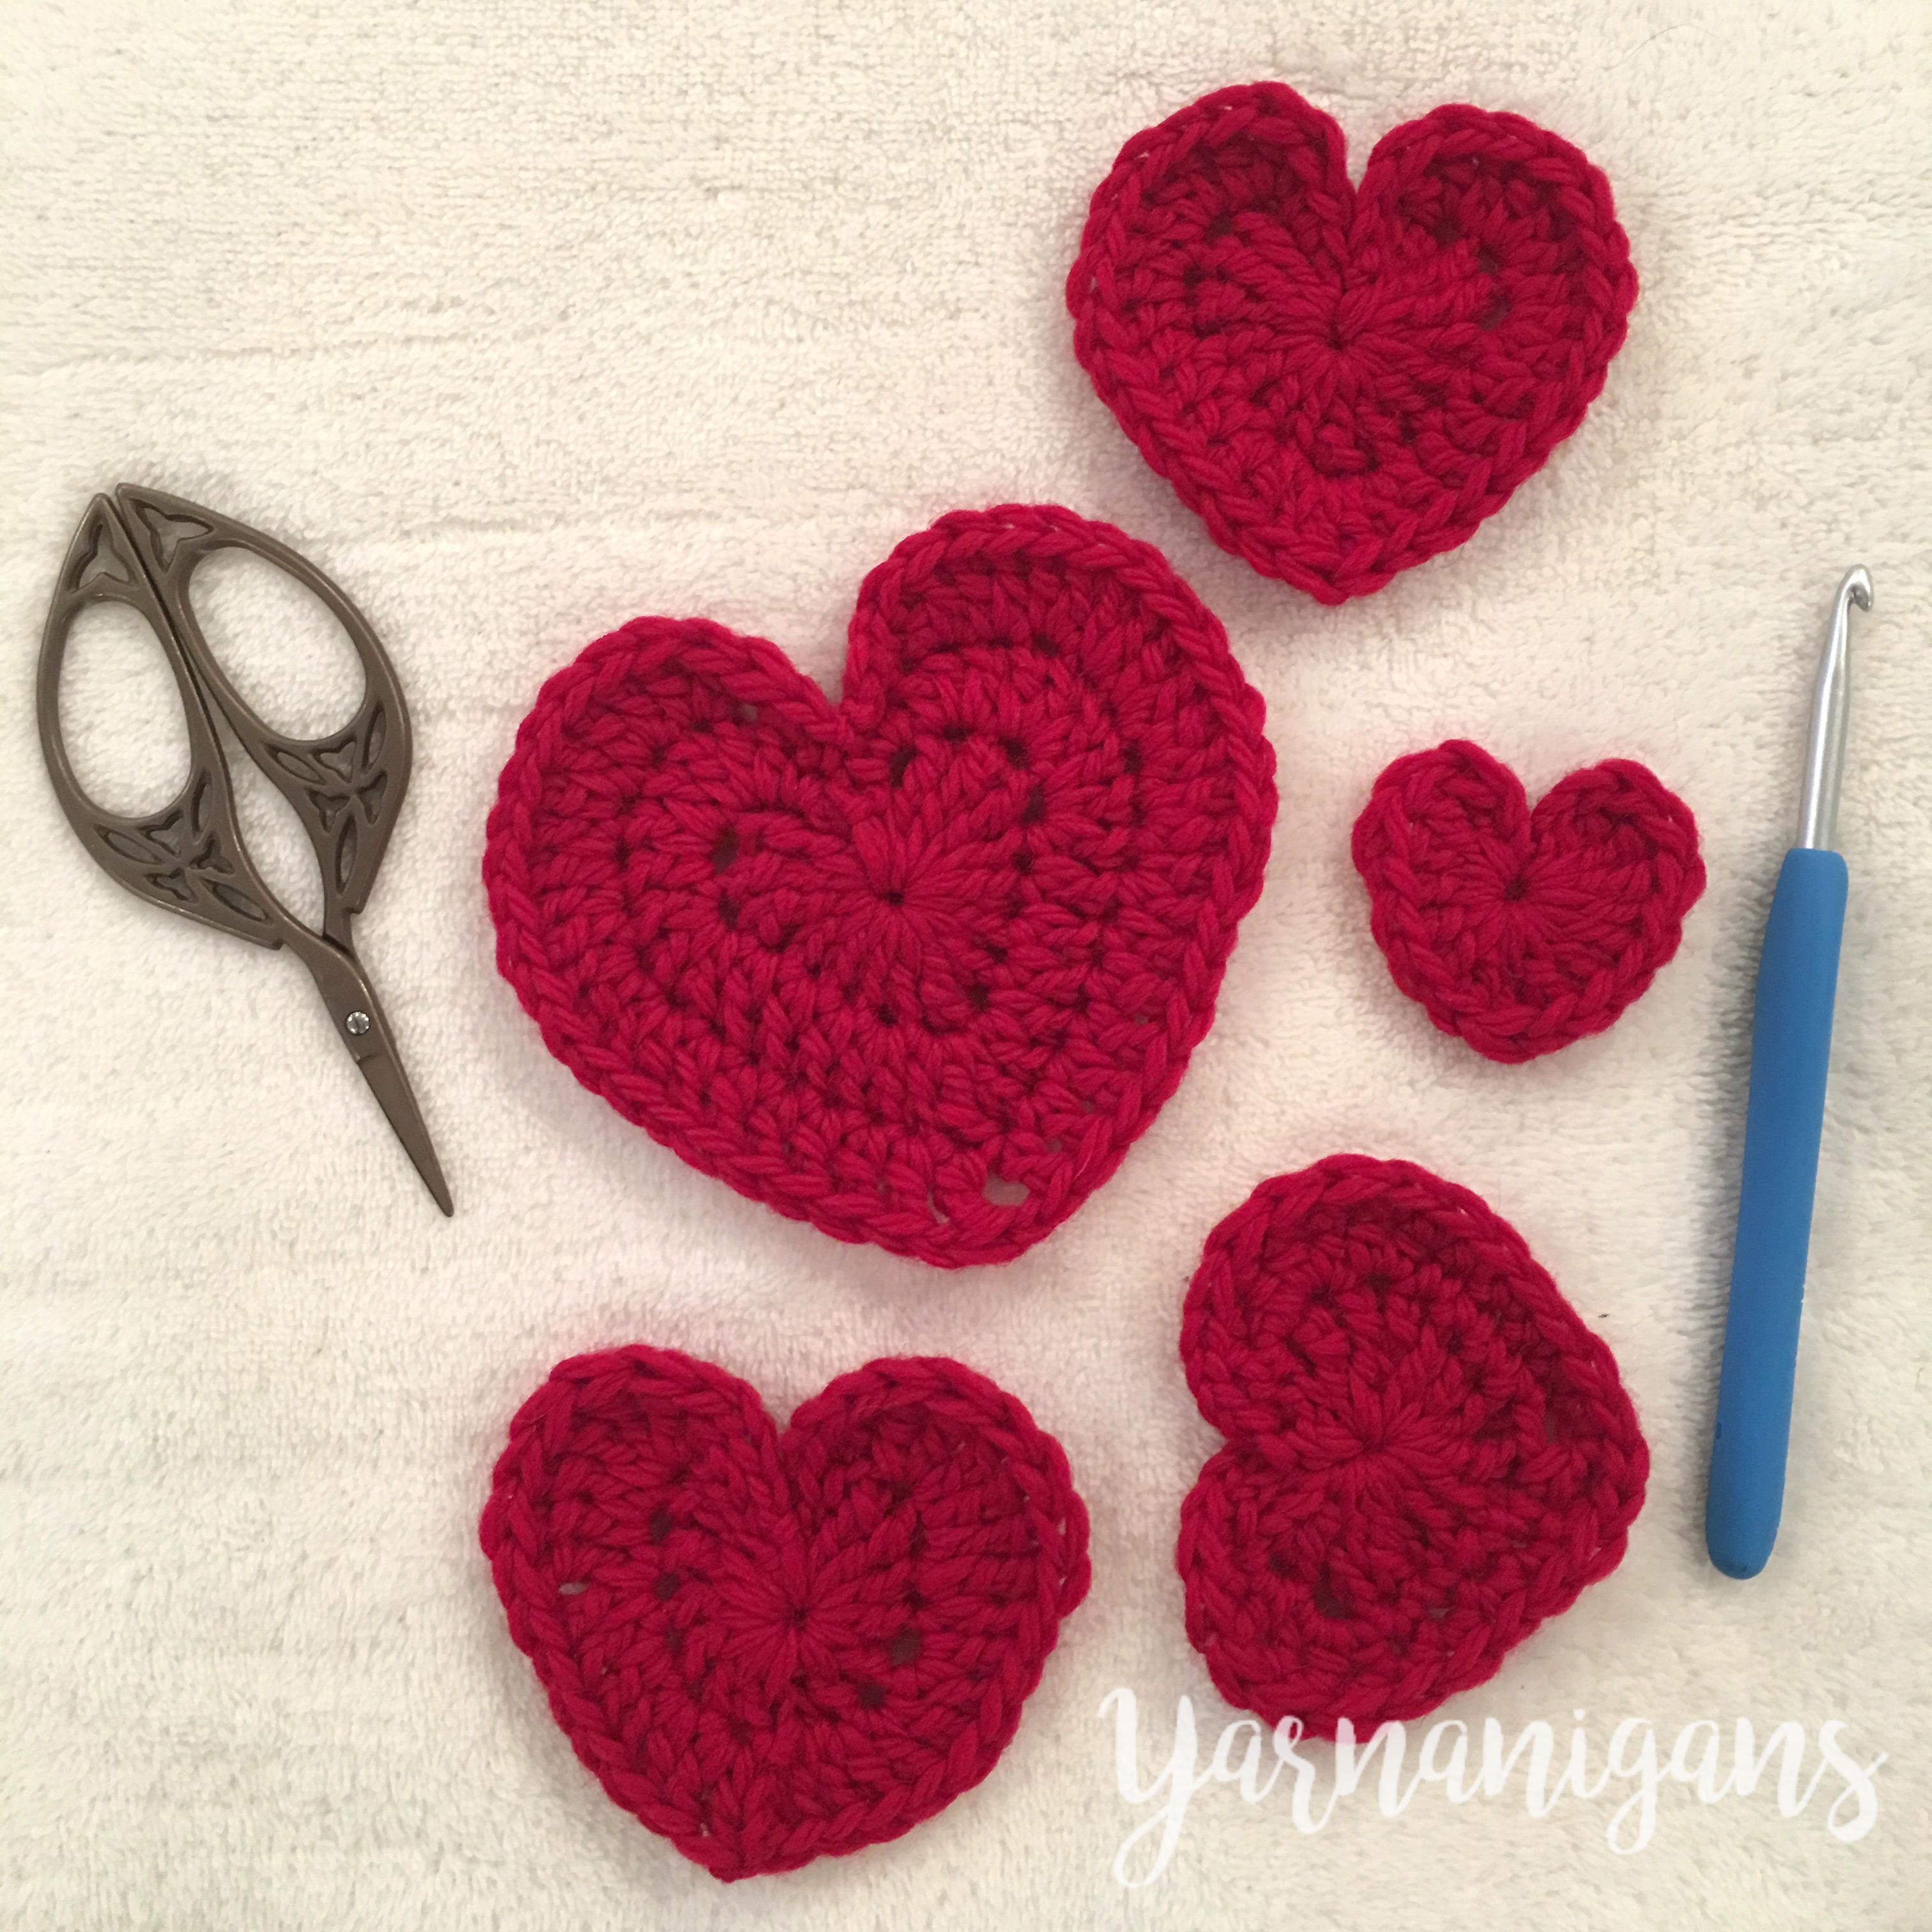 Felted Crochet Hearts Free Crochet Pattern Yarnanigans